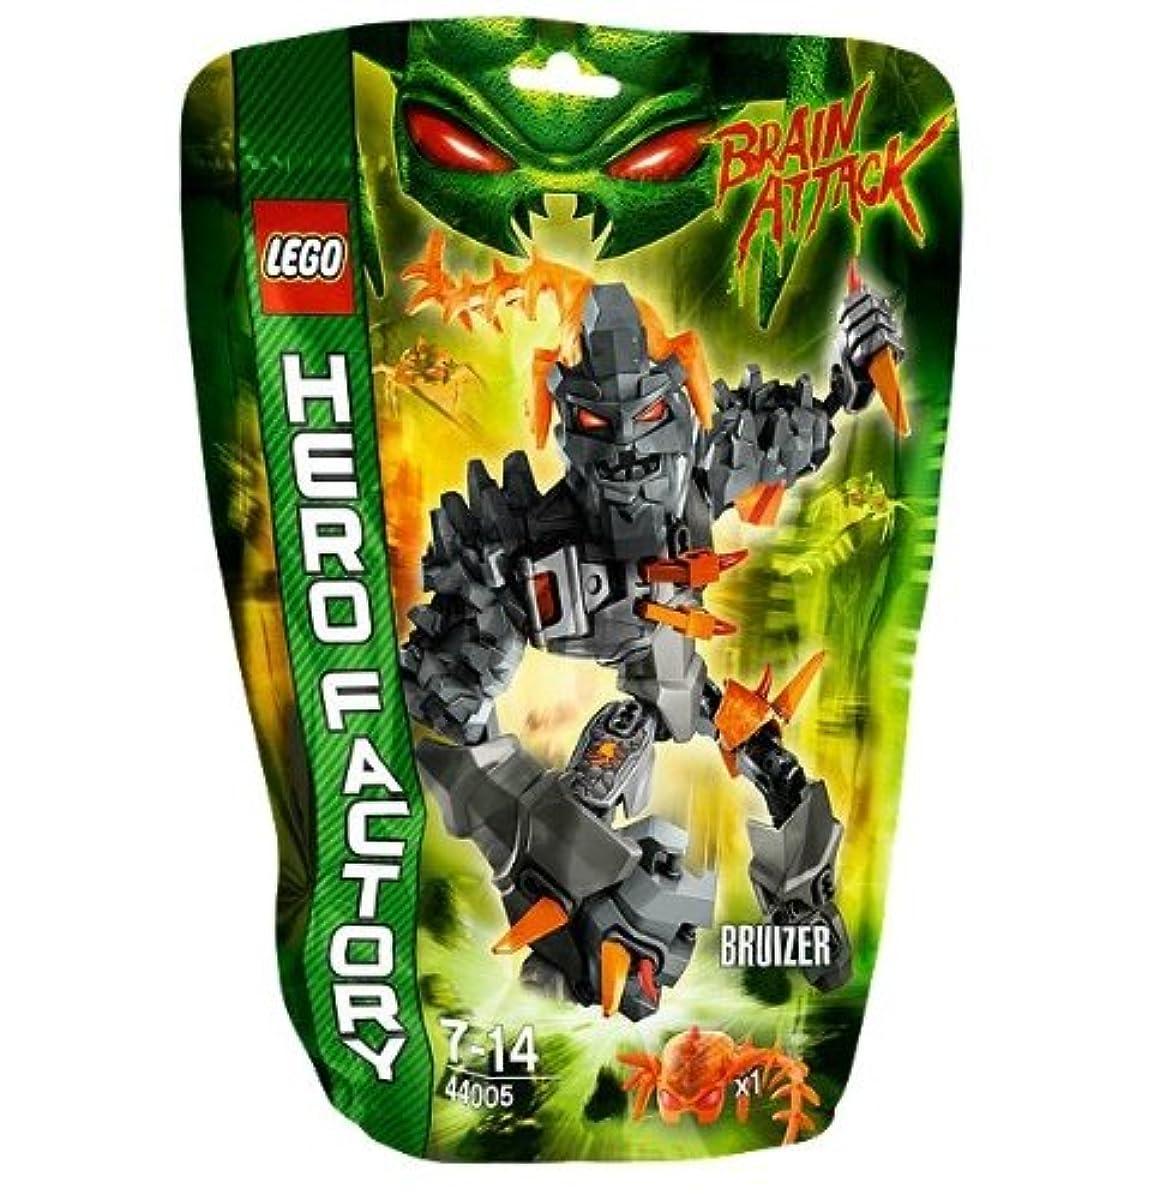 [해외] LEGO 히어로 팩토리 BRUIZER 44005-44005